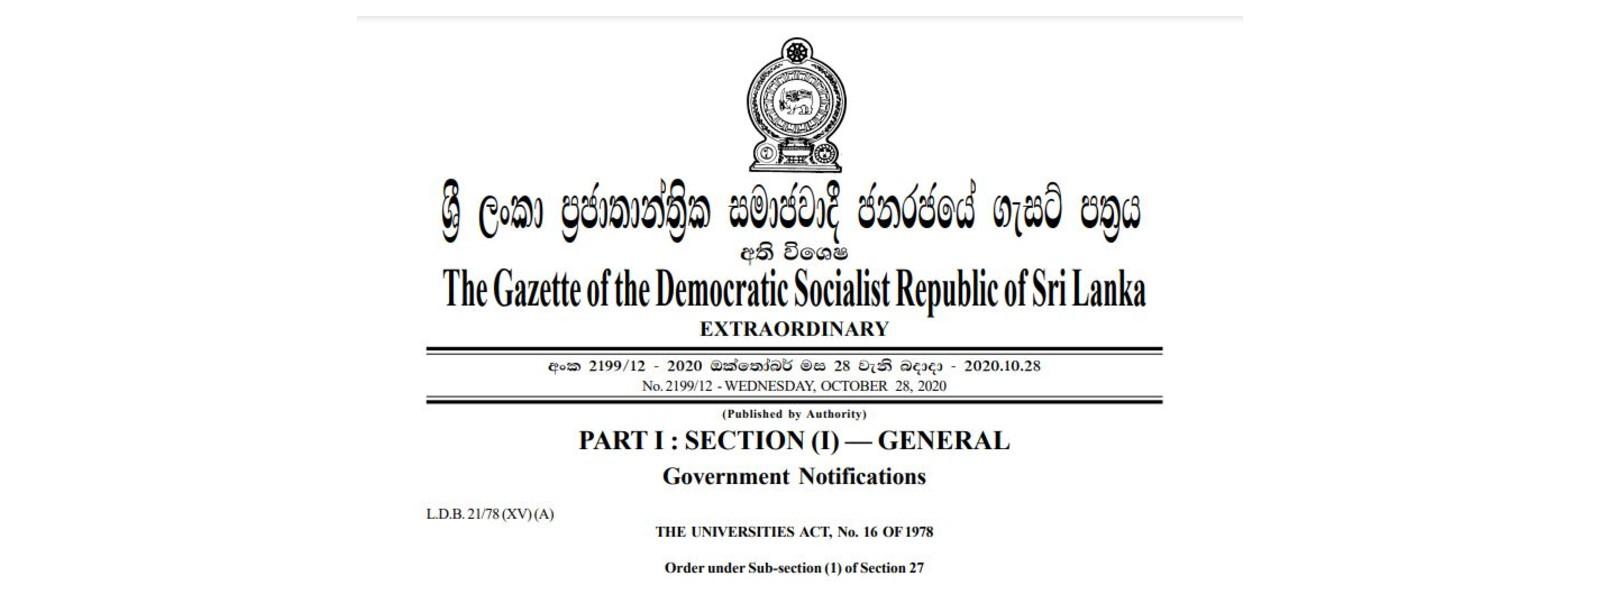 Gazette declaring Gampaha Wickramarachchi Ayurveda Institute a university, issued